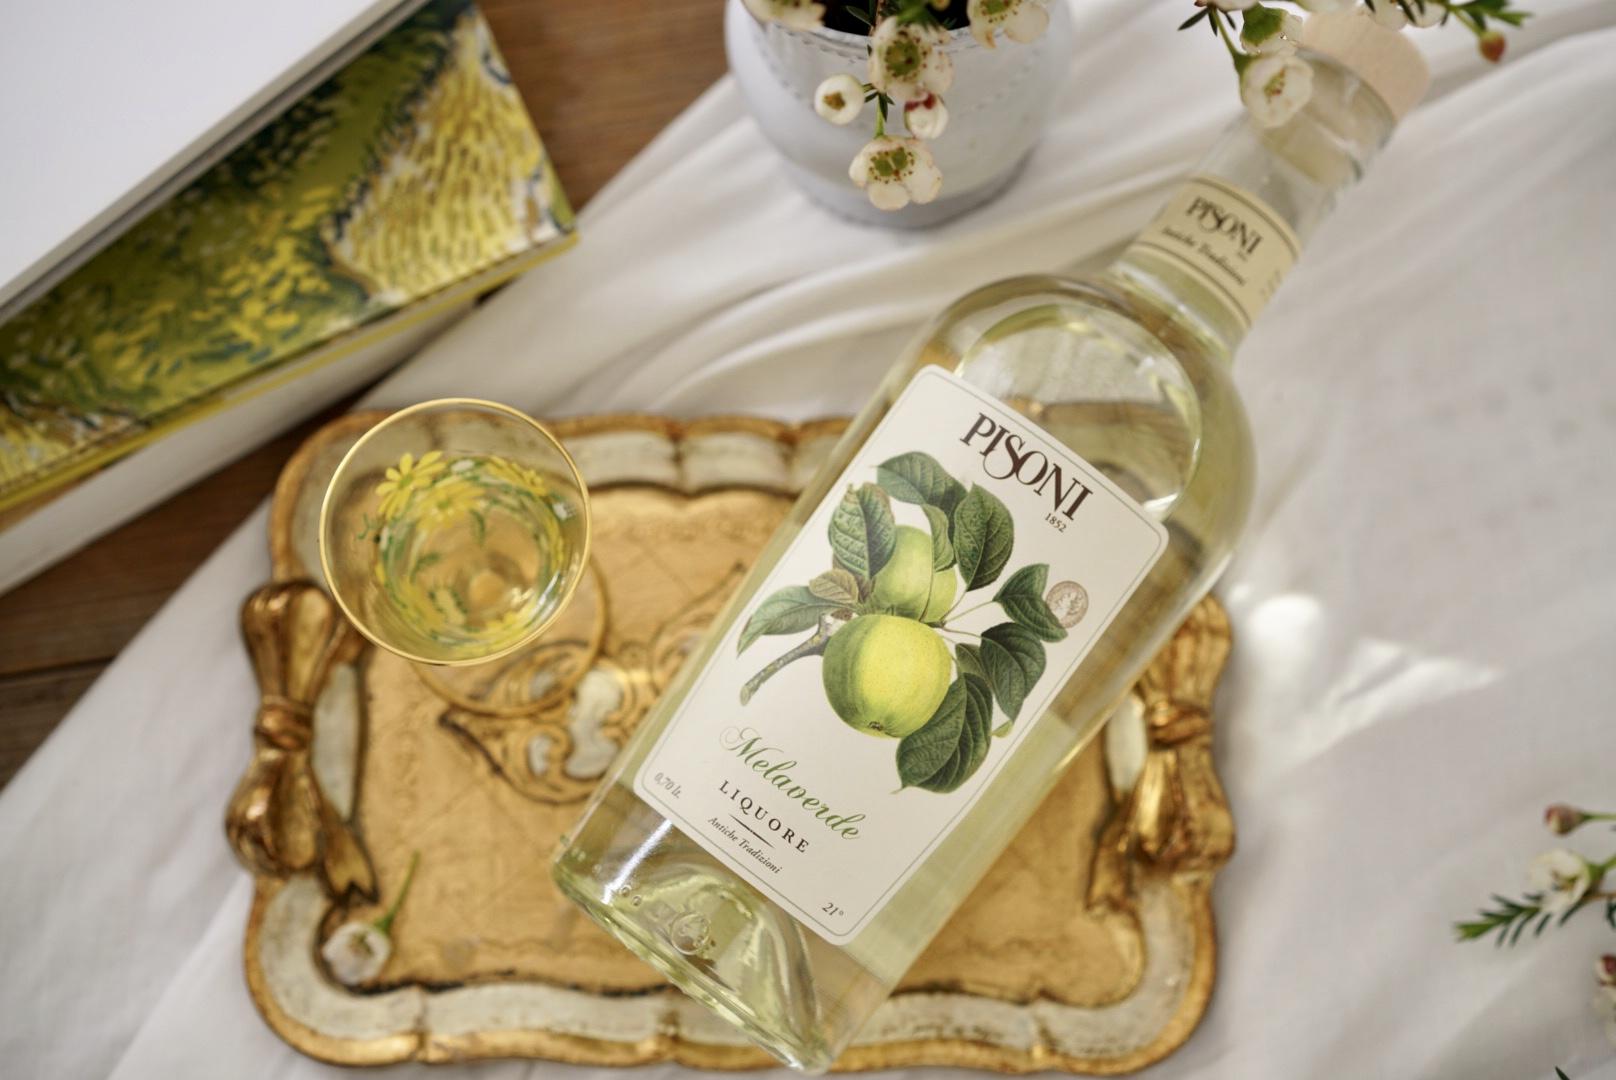 女生微醺酒 Grappa 青苹果味 Pisoni 意大利百年庄 度果味白兰地 21